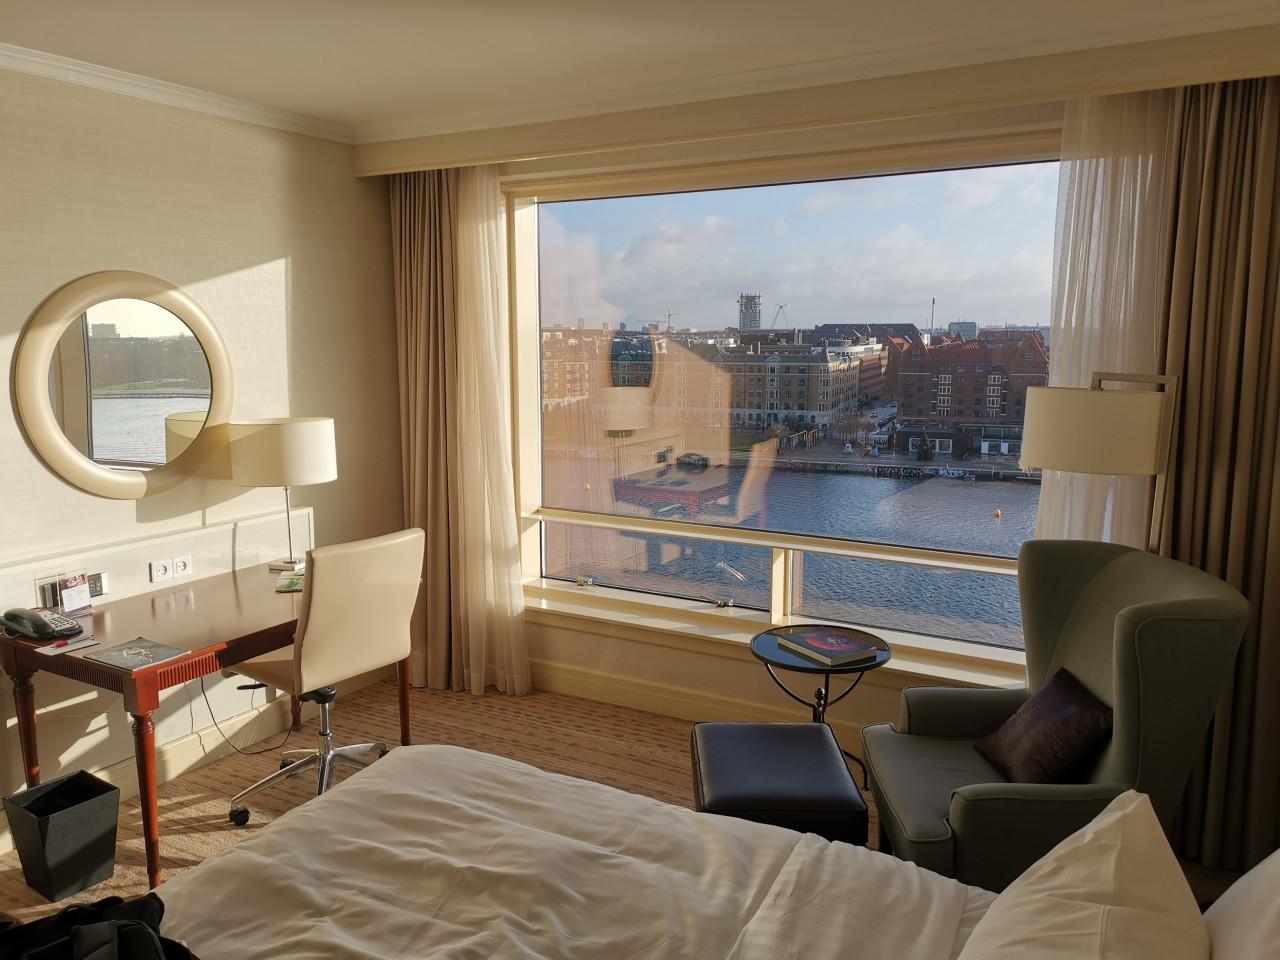 จัดห้องนอนเล็กๆ ให้ดูกว้างด้วยการเปลือยหน้าต่างรับแสงธรรมชาติ